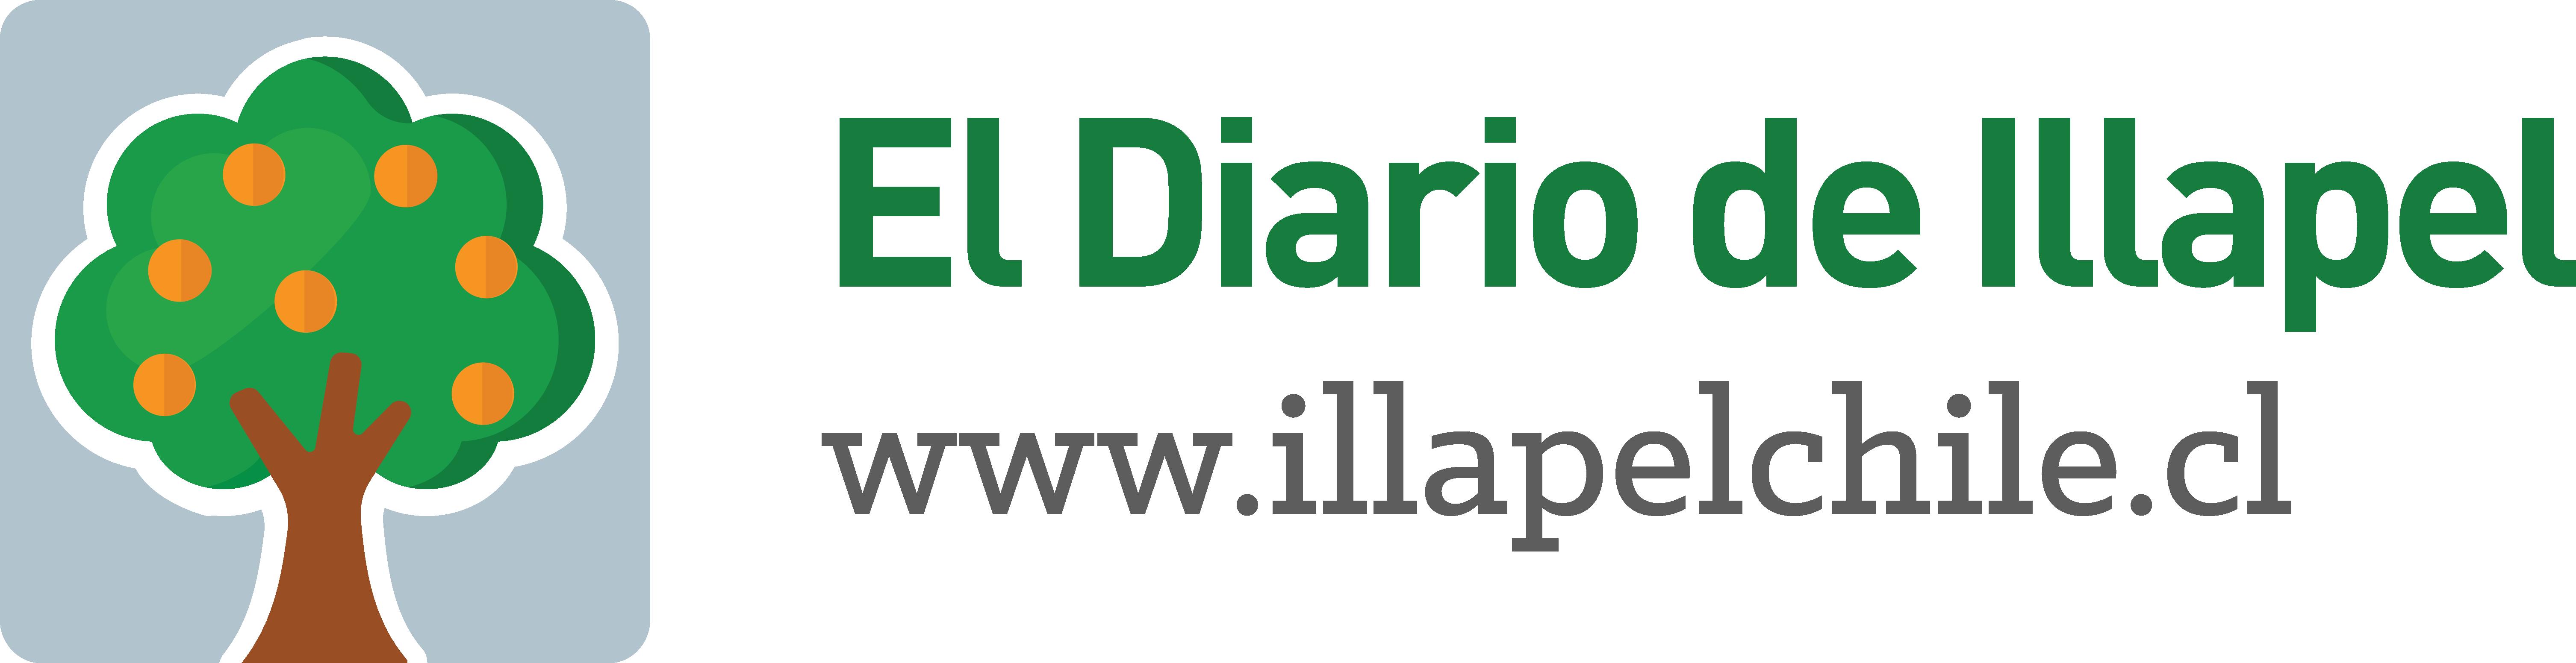 illapelchile.cl – El Diario de Illapel